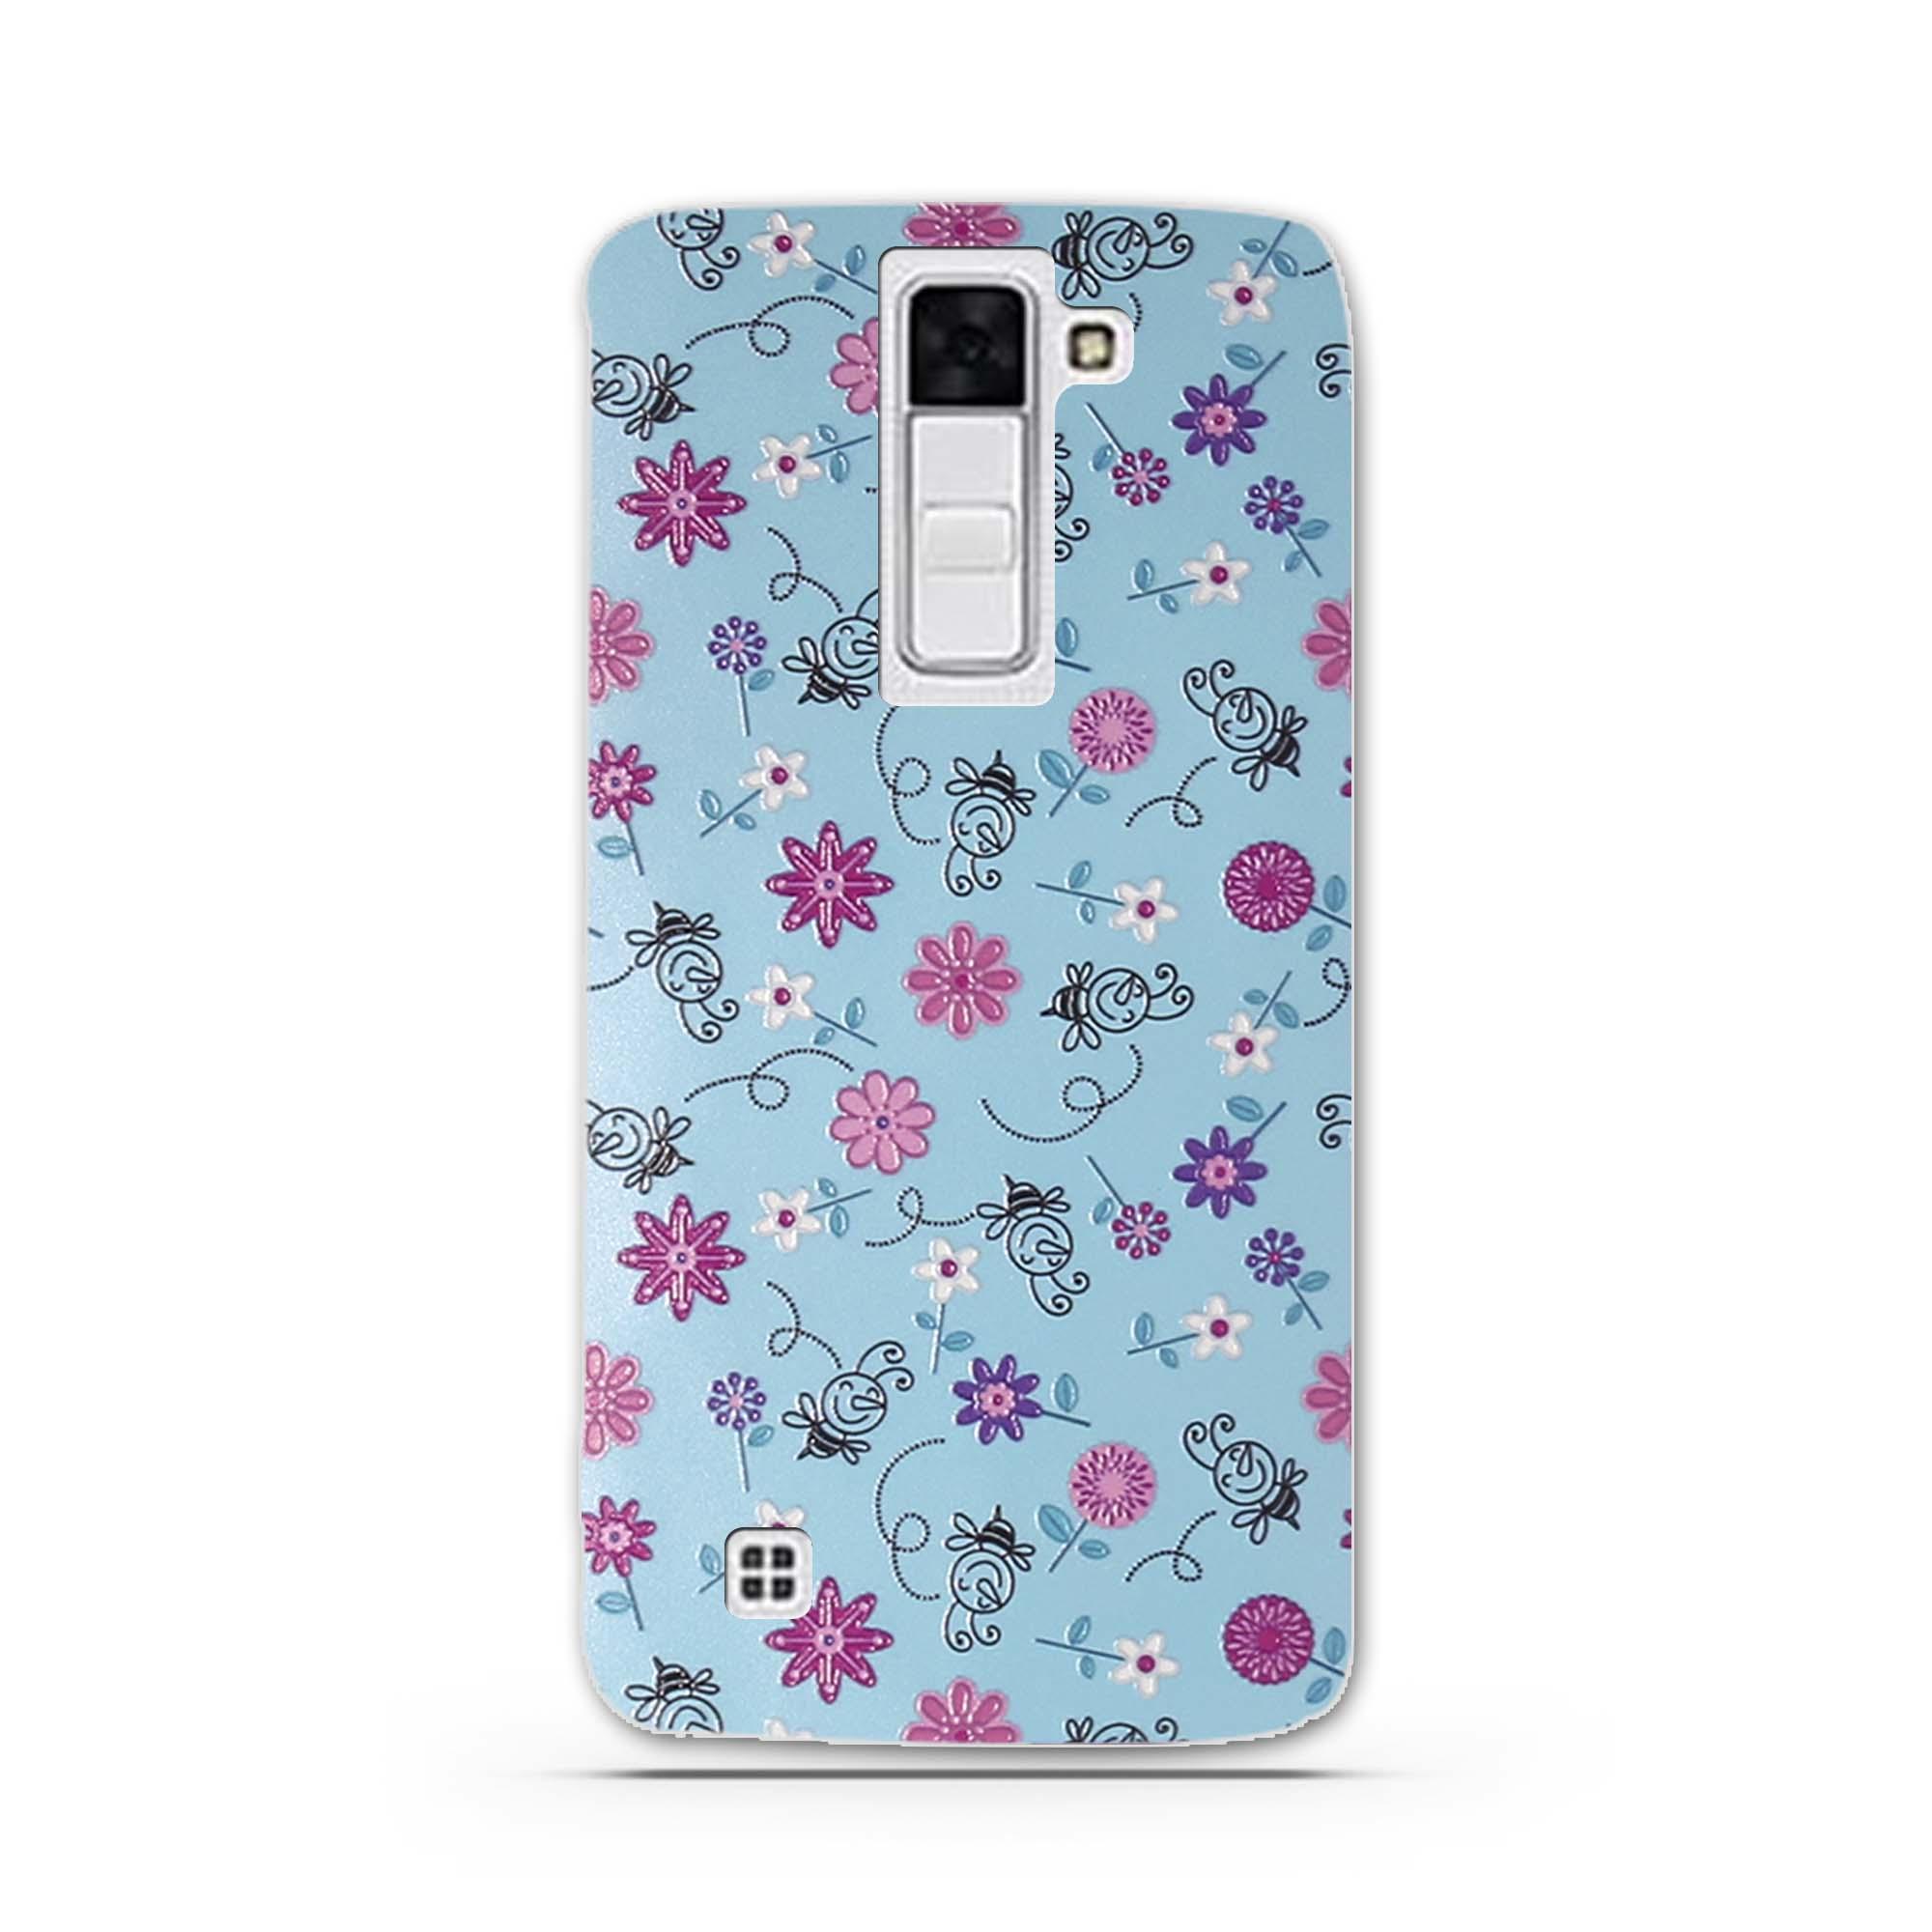 """Case Miękka TPU Luksusowe 3D Ulga Druk Pokrywy Skrzynka Dla LG K8 Lte K350 K350E K350N 5.0 """"K 8 Telefon Powrót Silicon Pokrywa Bag Sprawach 6"""